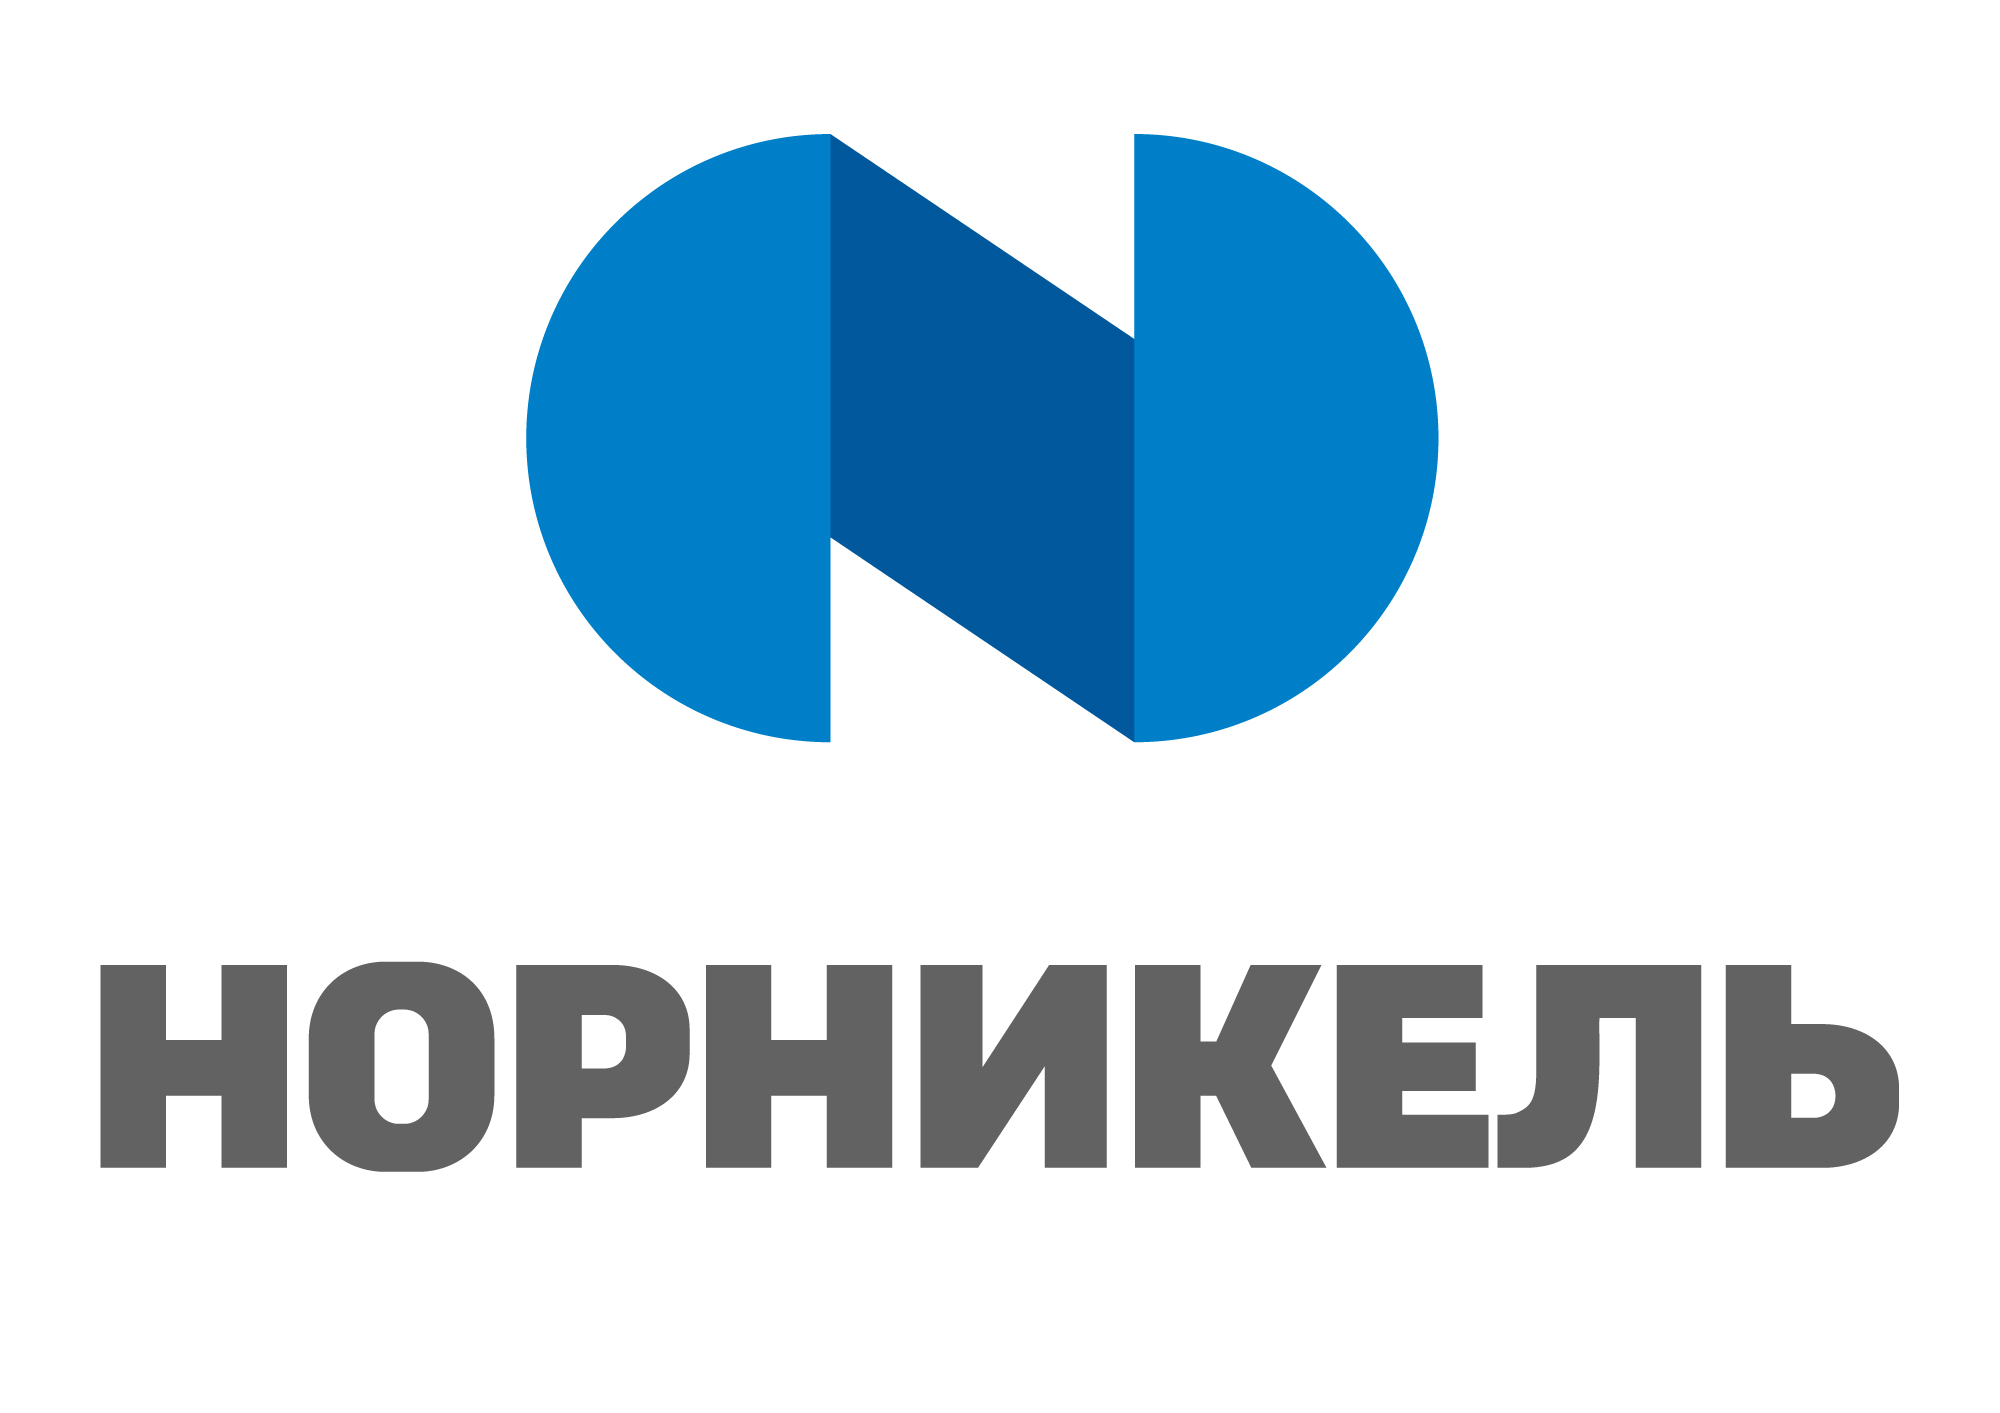 """""""Норникель"""" подписал кредитное соглашение с Commerzbank AG под покрытие экспортного кредитного агентства Euler Hermes"""